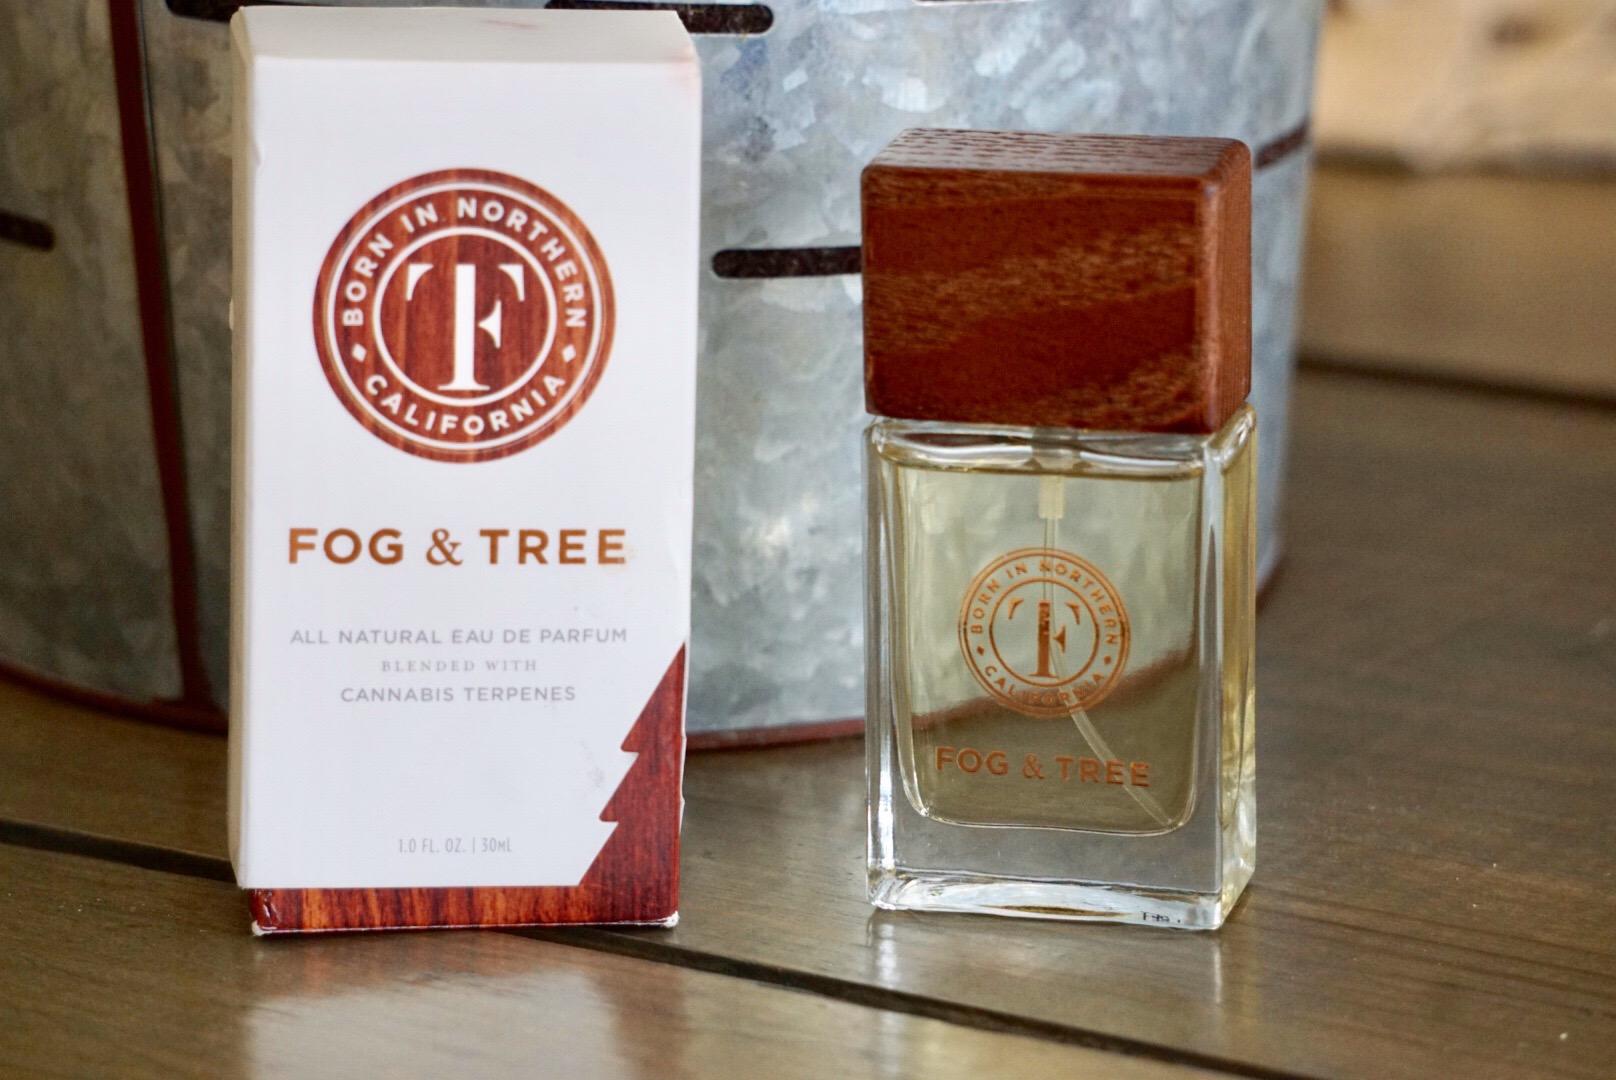 Fog & Tree